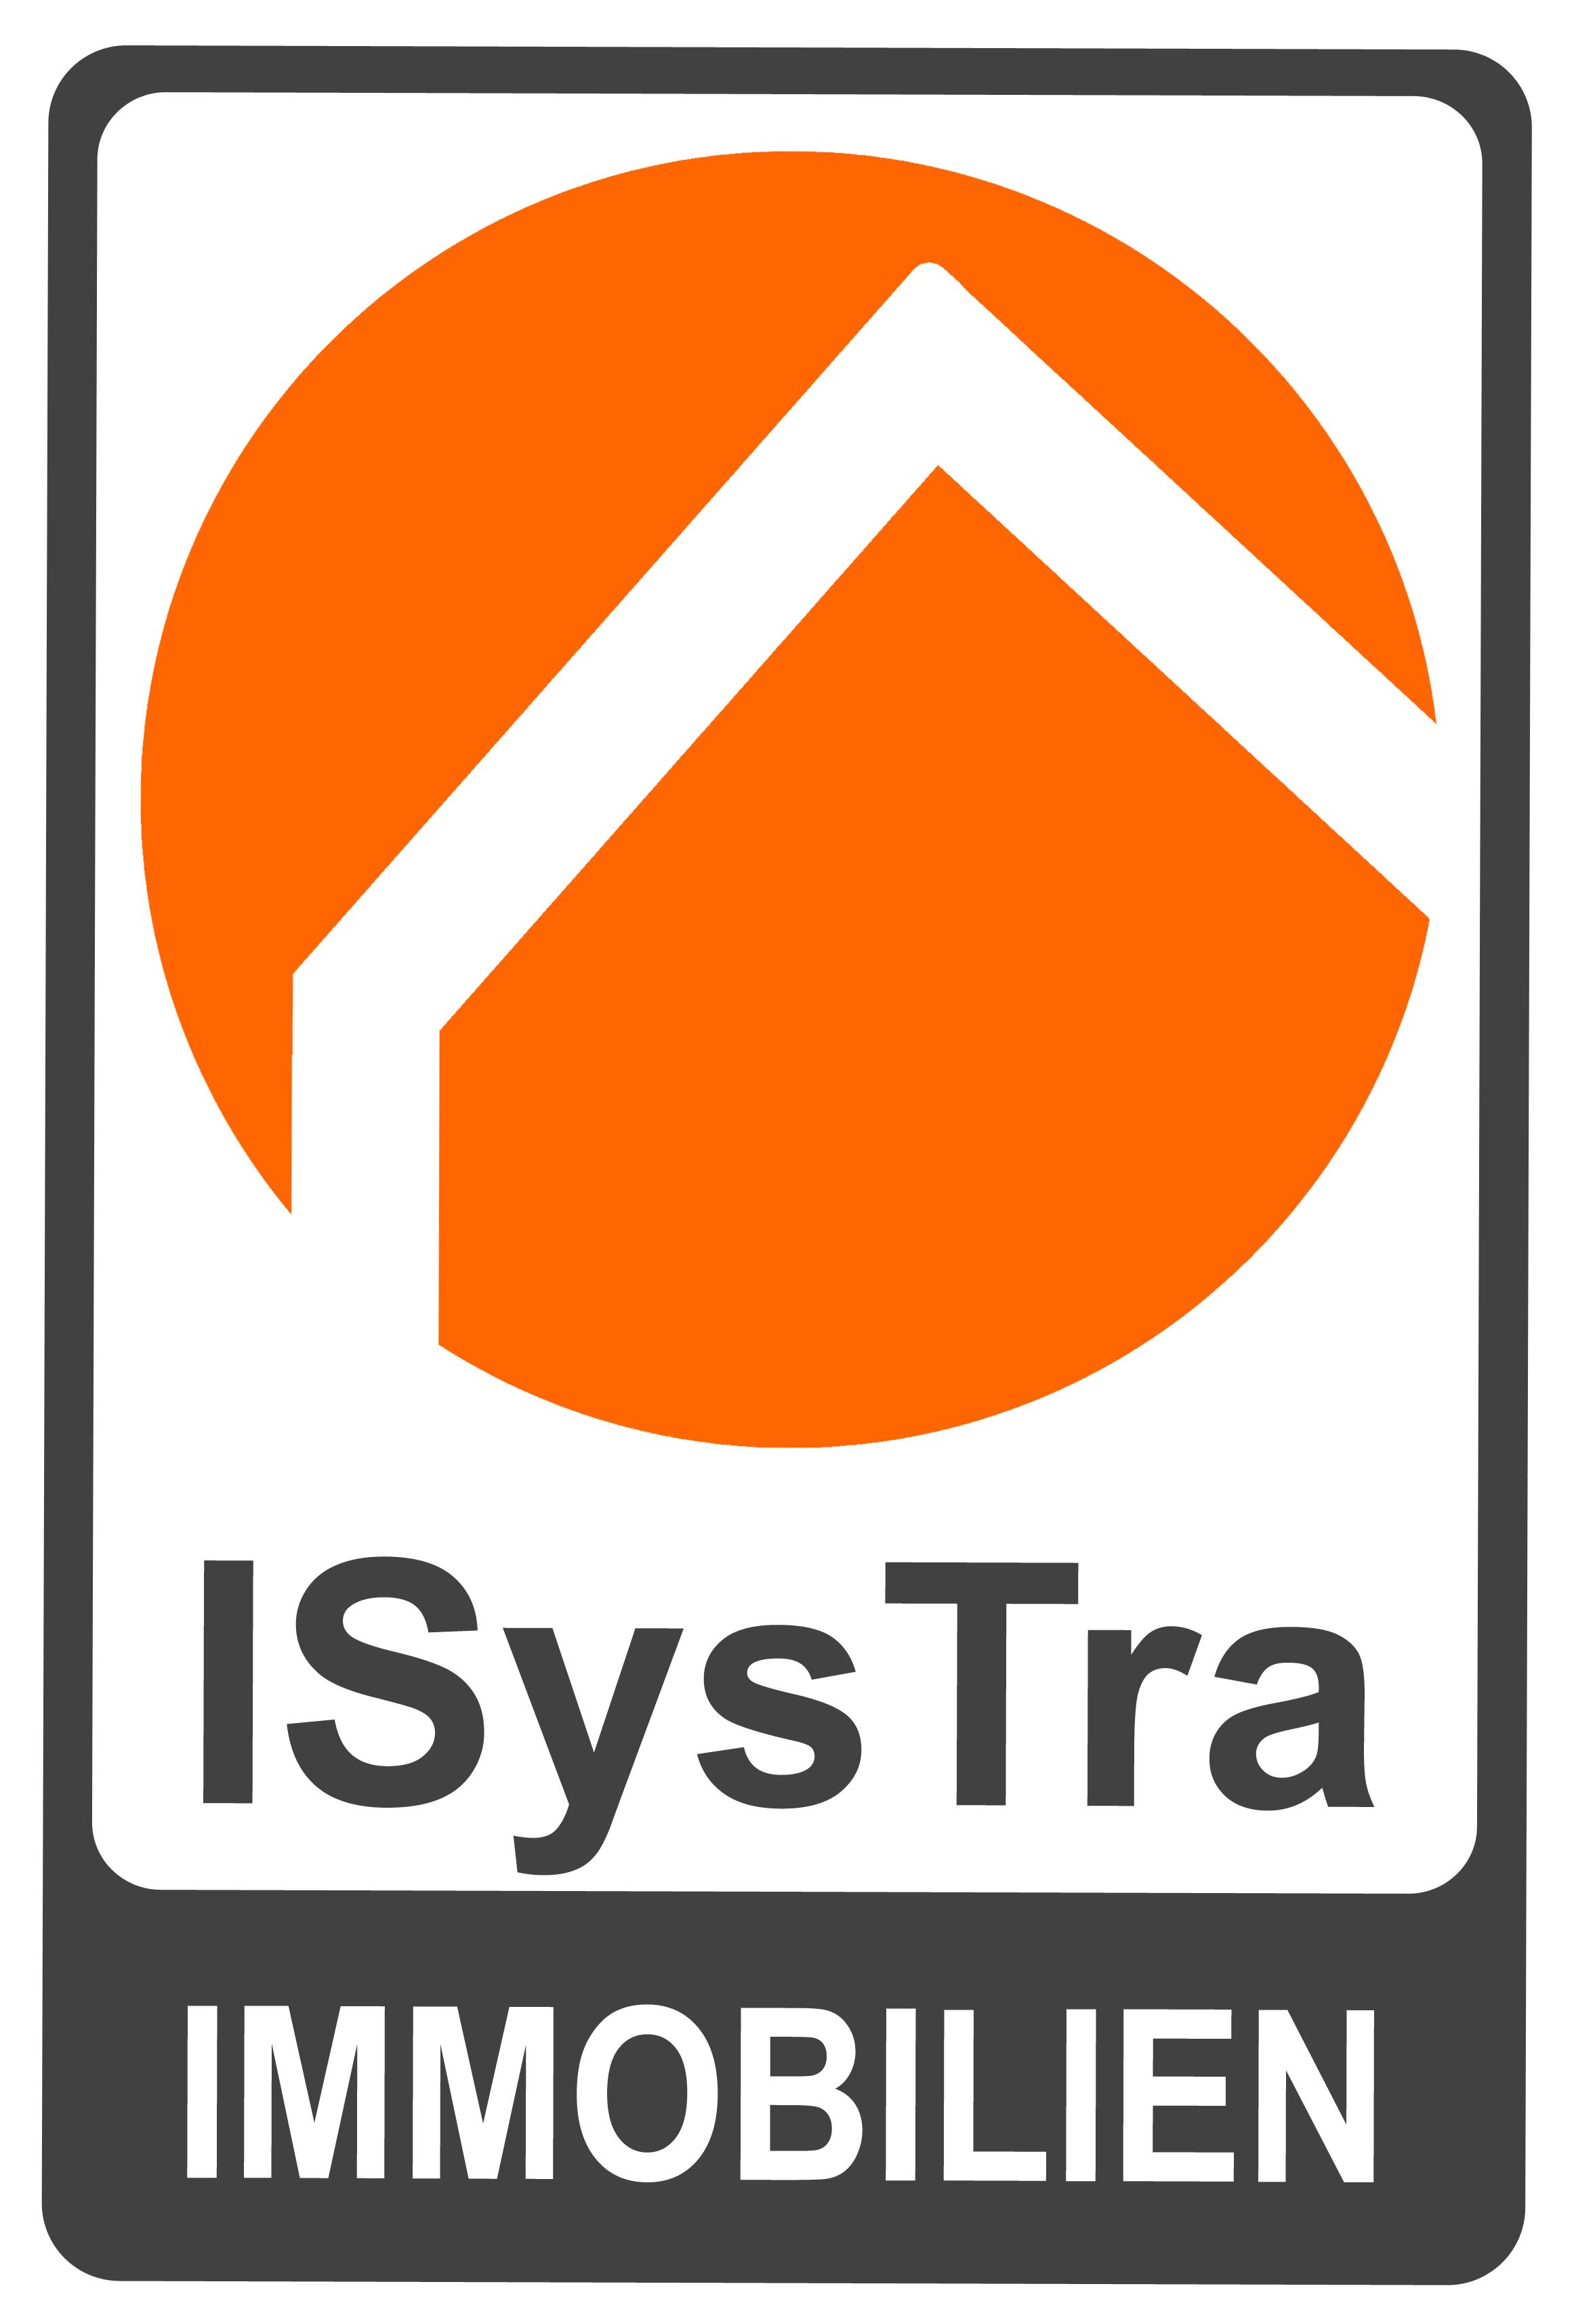 Hier sehen Sie das Logo von ISysTra IMMOBILIEN